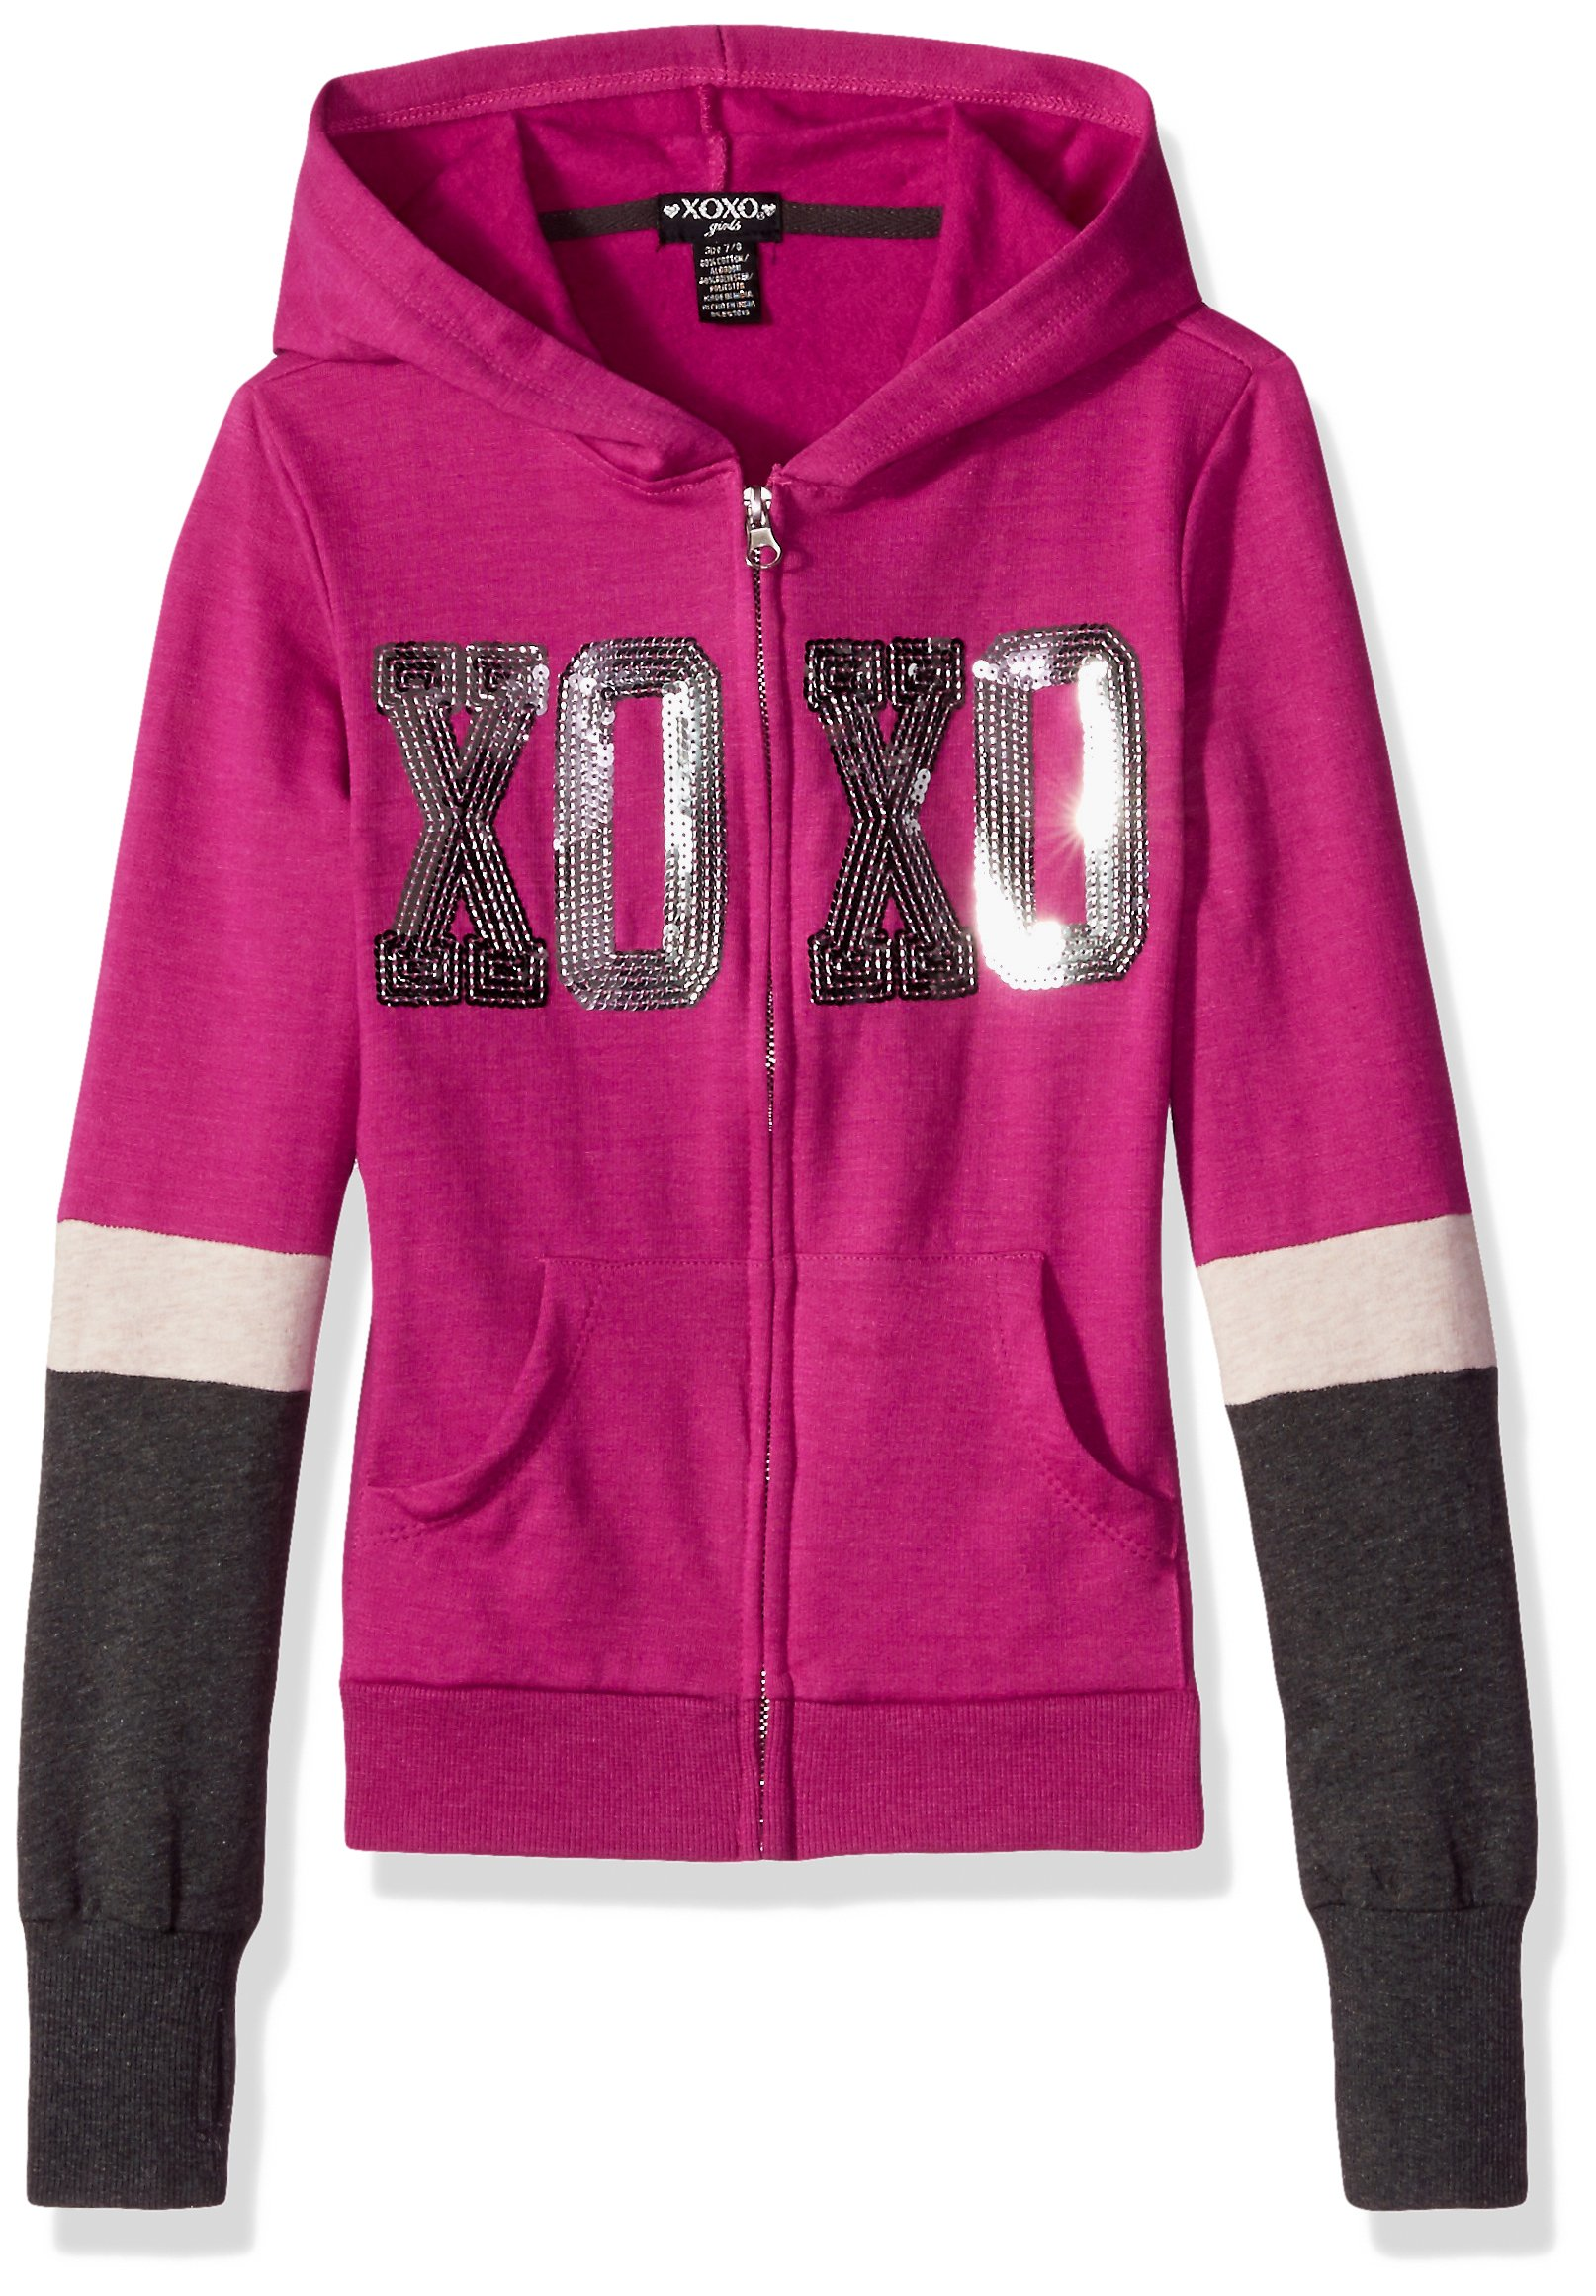 XOXO Big Girls' Fleece Logo Hoodie, Berry/Charcoal, 7/8